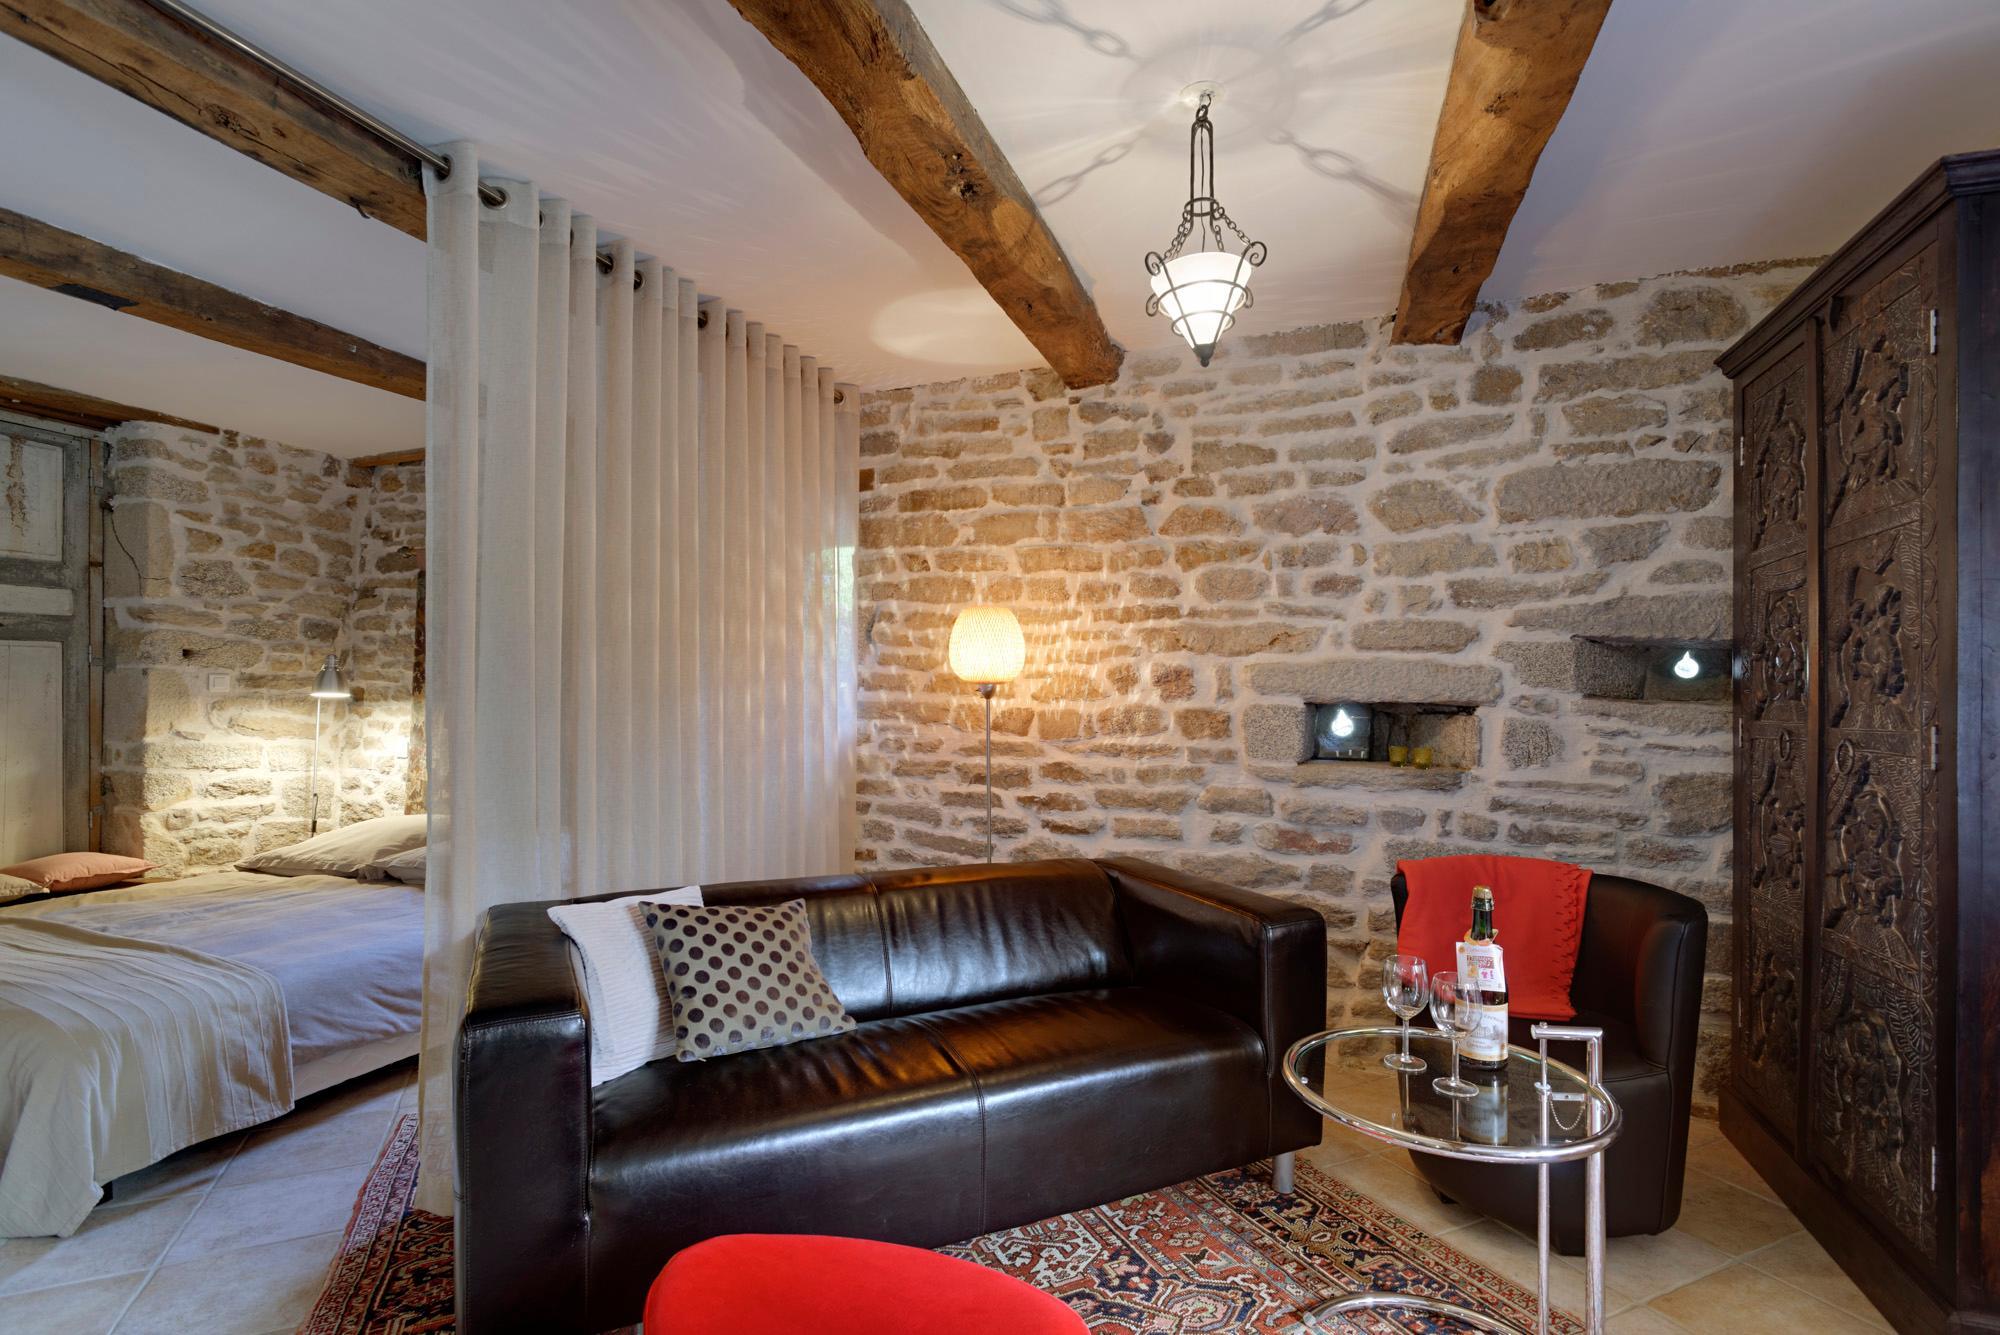 naturstein wohnzimmer. download. in fr die kaminwand. verblender, Deko ideen